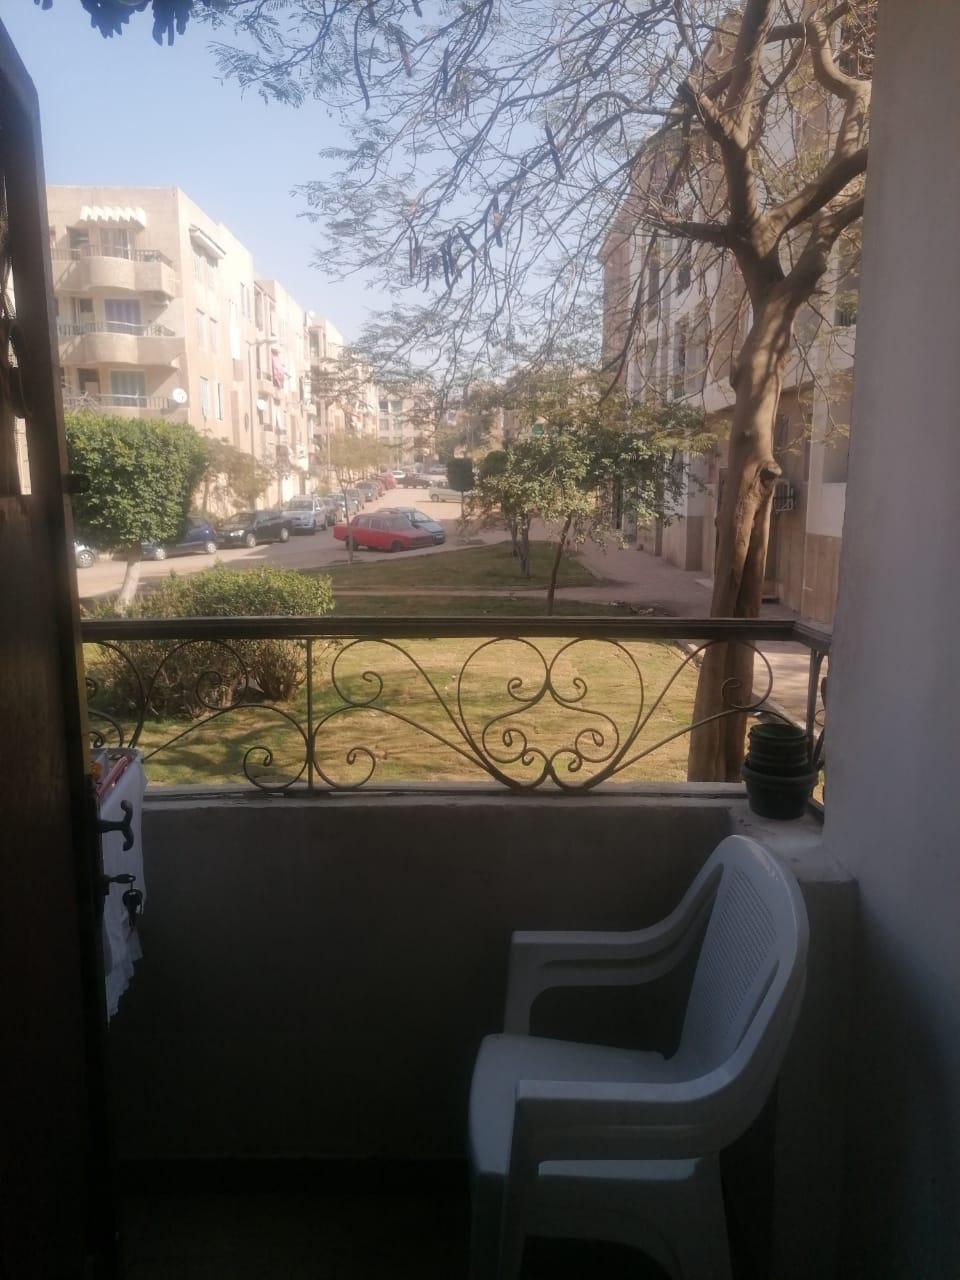 شقة للبيع بالتجمع الثالث القاهرة الجديدة